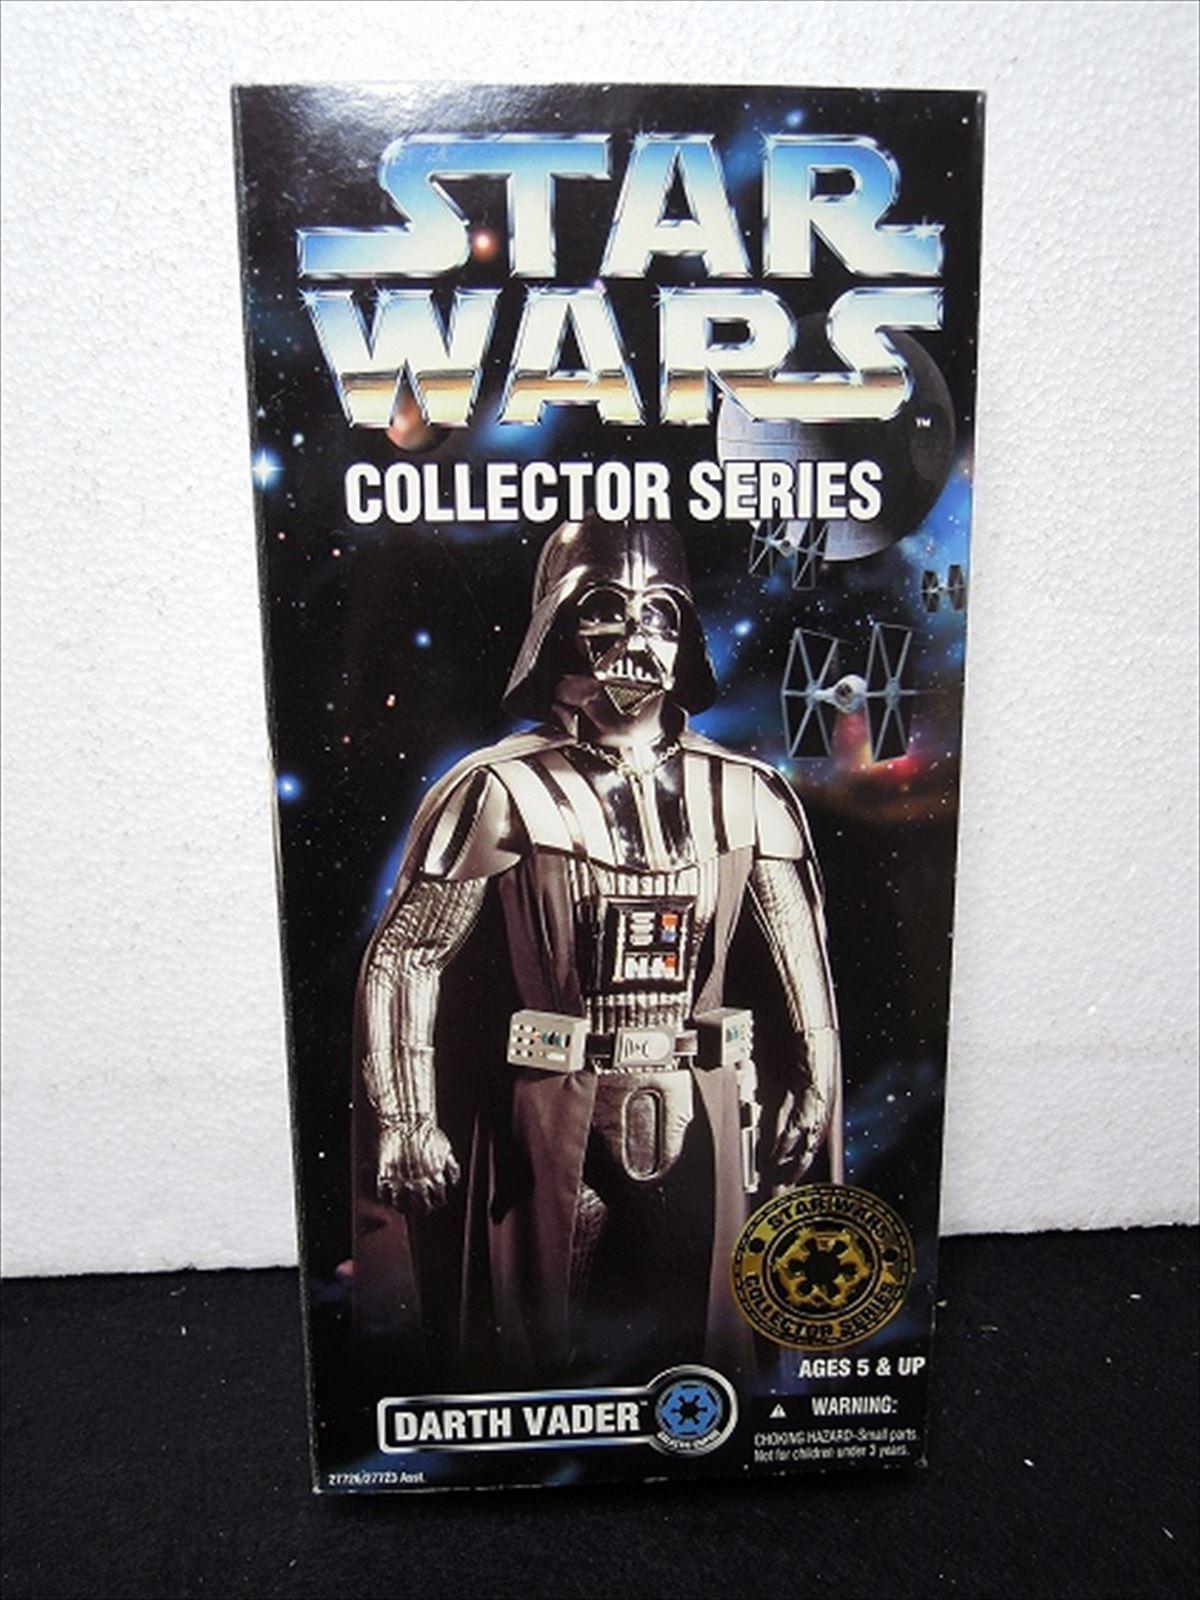 El coleccionista de Estrella Wars, Darth Vader, tiene 12 pulgadas de estatura en Japón.